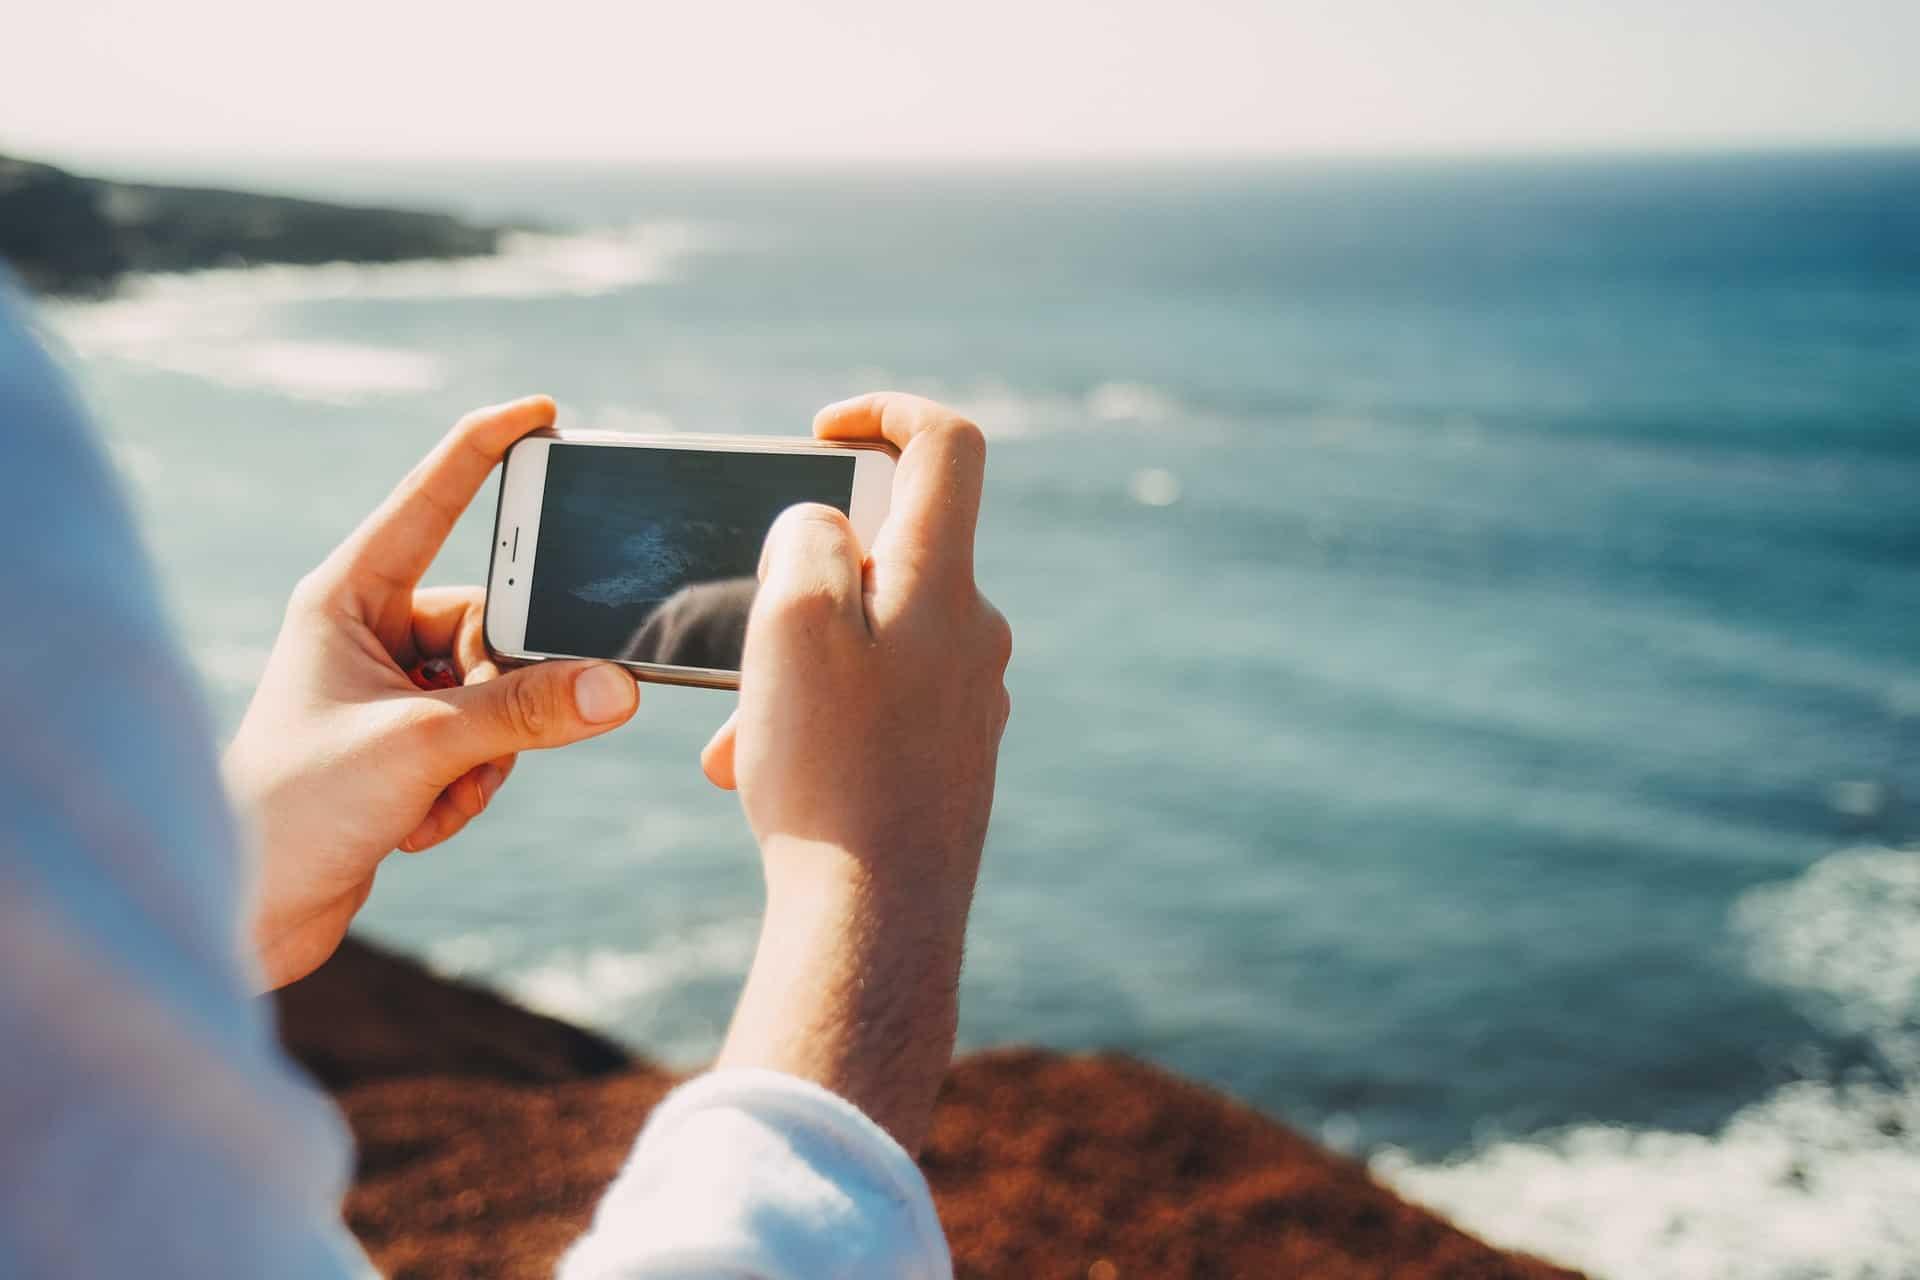 Lente de cámara para celular: ¿Cuál es el mejor de 2021?